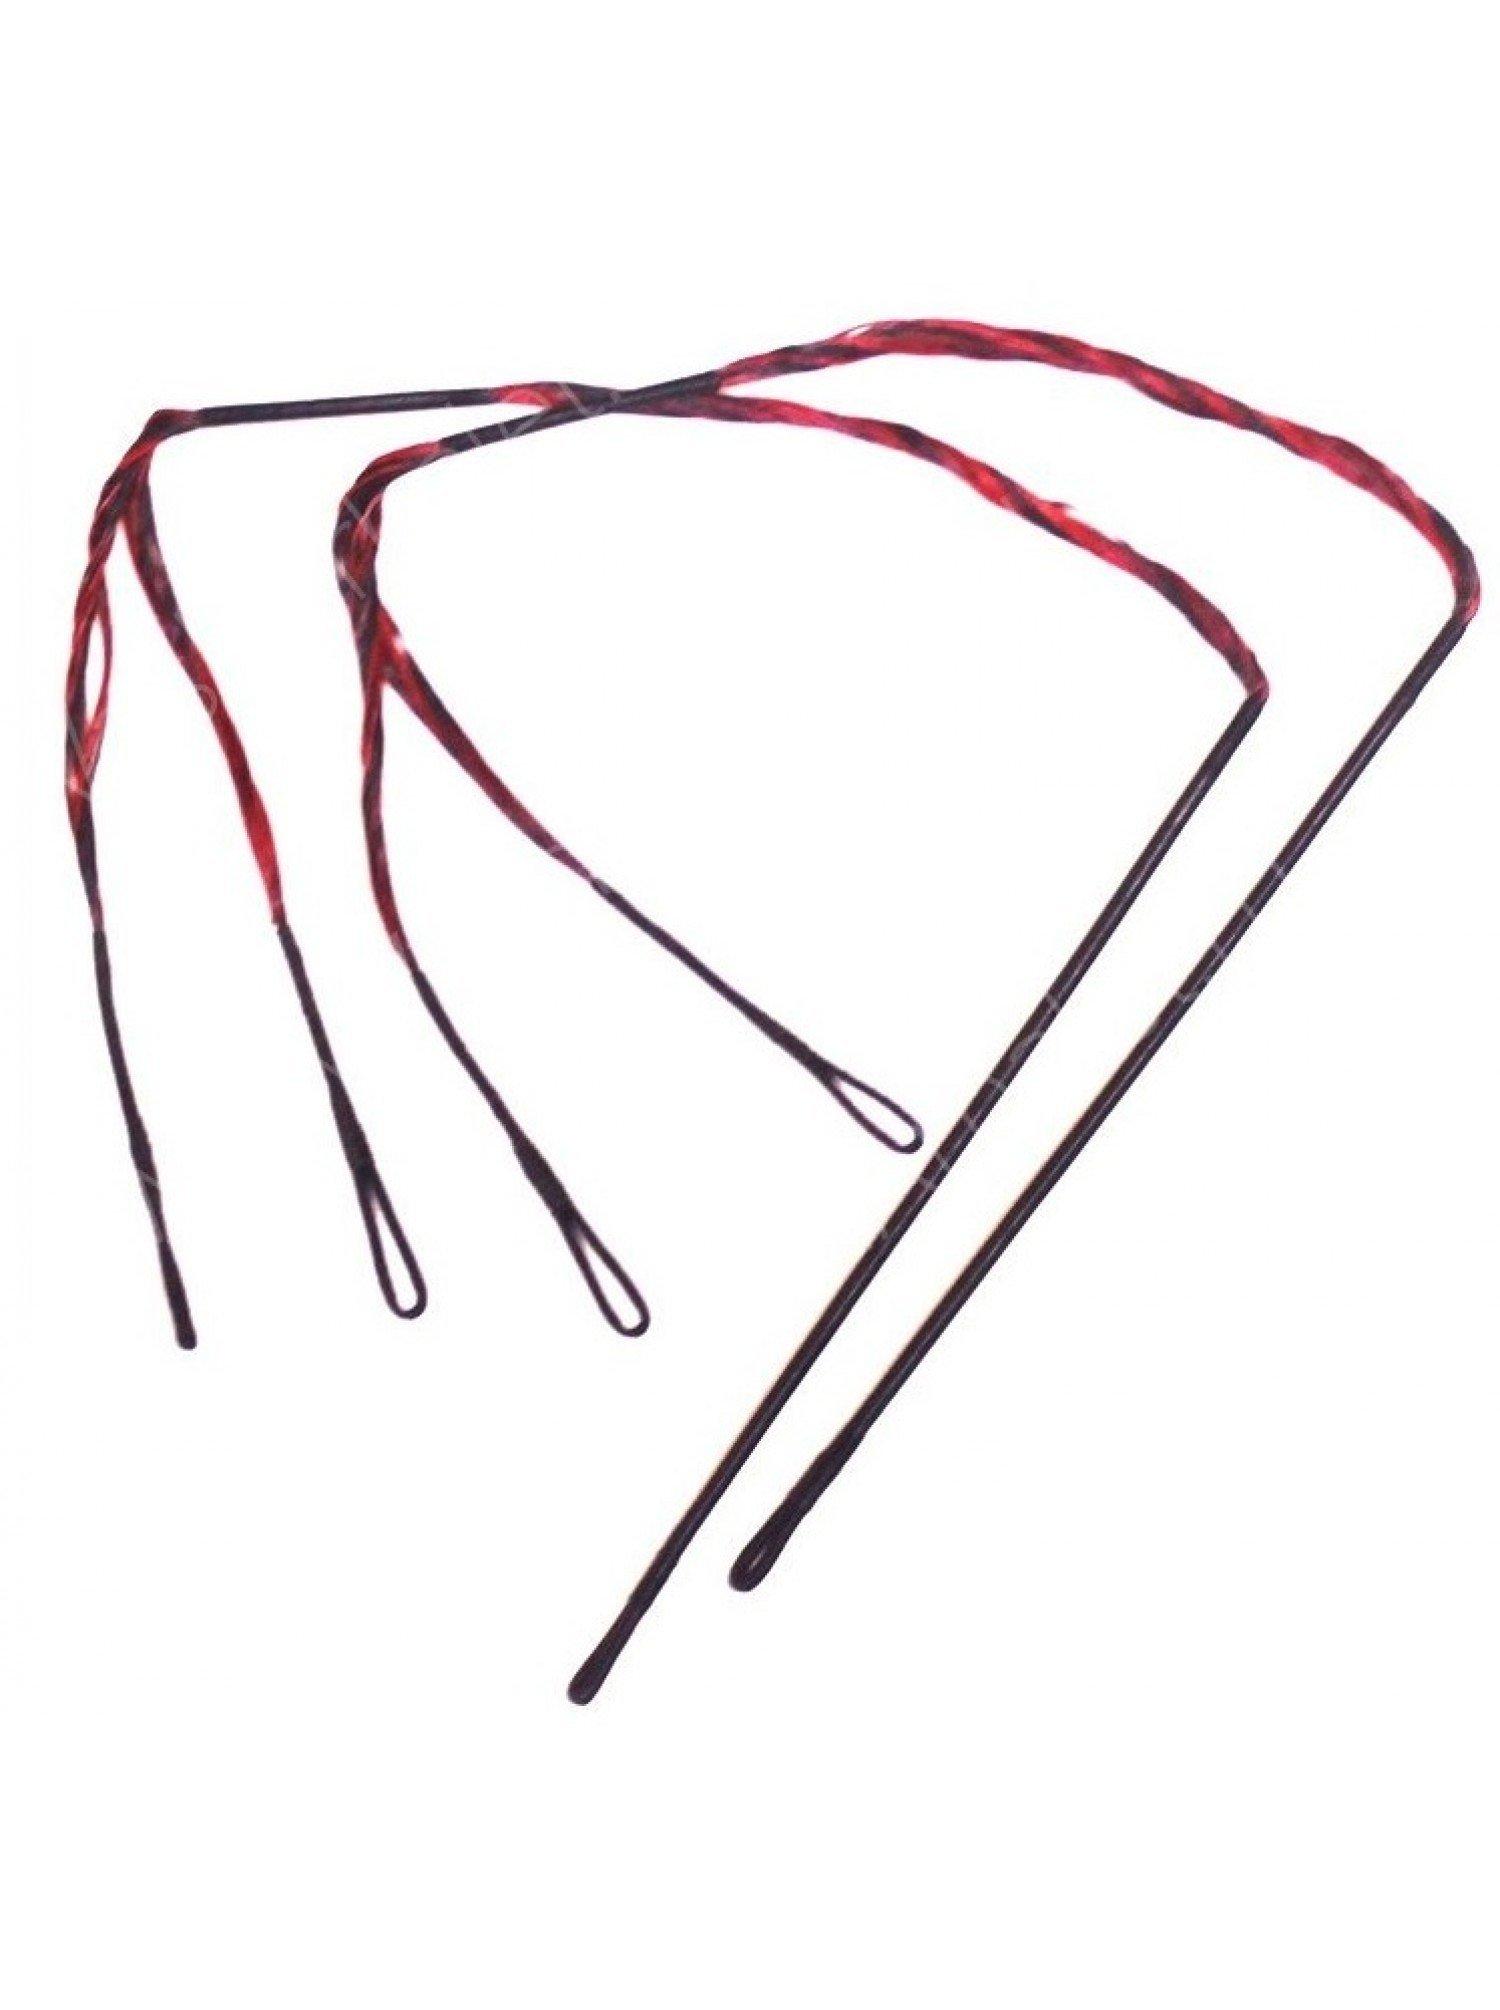 Набор тросов для арбалета MK-350 01976